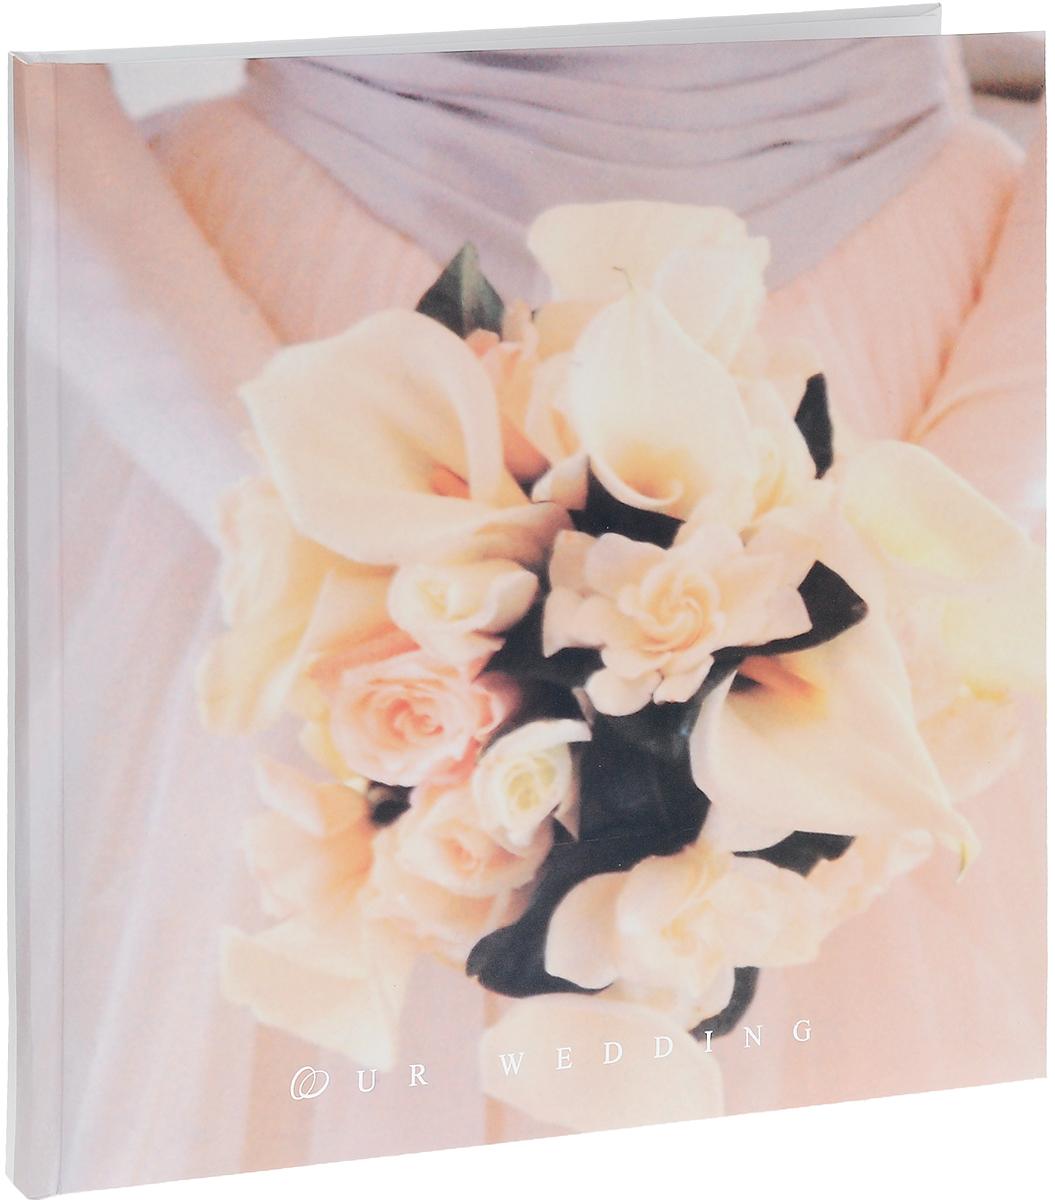 Фотоальбом Pioneer Wedding Love. Розы и каллы, 10 магнитных листов, 32 х 32 см15688 LM-SA10BB/C_розы, калыФотоальбом Pioneer Wedding Love сохранит моменты ваших счастливых мгновений на своих страницах! Обложка, изготовленная из картона с клеевым покрытием, оформлена изображением букета цветов. Переплет книжный. Листы, выполненные из картона с пленкой ПВХ, декорированы изображением желтых и розовых роз. Такие магнитные листы удобны тем, что они позволяют размещать фотографии разных размеров. Магнитные страницы обладают следующими преимуществами: - Не нужно прикладывать усилий для закрепления фотографий; - Не нужно заботиться о размерах фотографий, так как вы можете вставить в альбом фотографии разных размеров (максимальный размер фотографии 31,5 х 31,7 см). Нам всегда так приятно вспоминать о самых счастливых моментах жизни, запечатленных на фотографиях. Поэтому фотоальбом является универсальным подарком к любому празднику. Вашим родным, близким и просто знакомым будет приятно помещать фотографии в этот альбом. Количество листов: 10 шт. ...